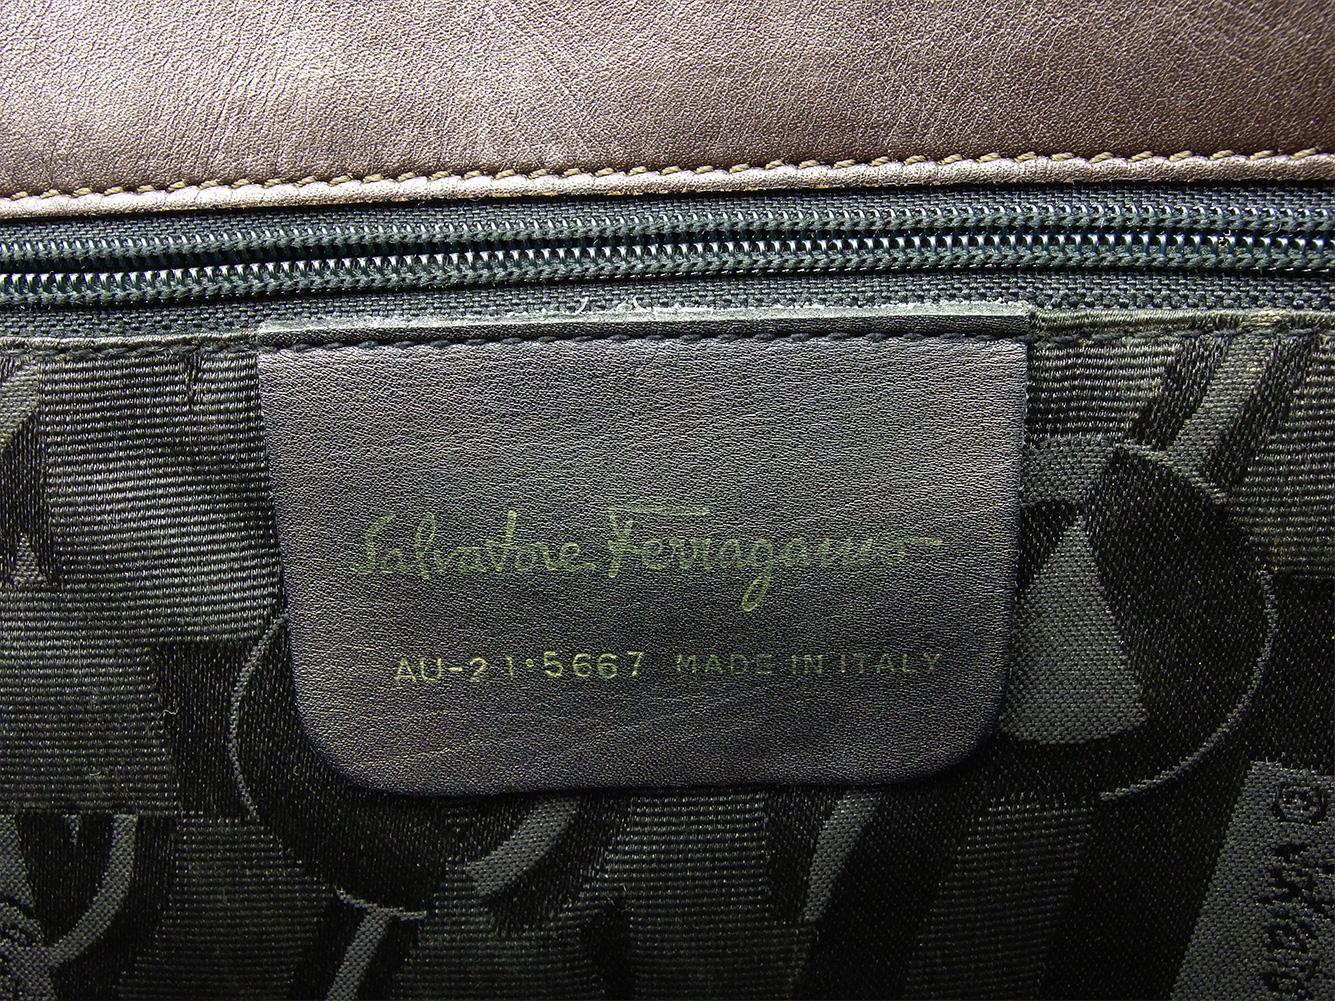 サルヴァトーレ フェラガモ Salvatore Ferragamo トートバッグ トートバッグ ヴァラ金具 レディース メンズWEDIH29